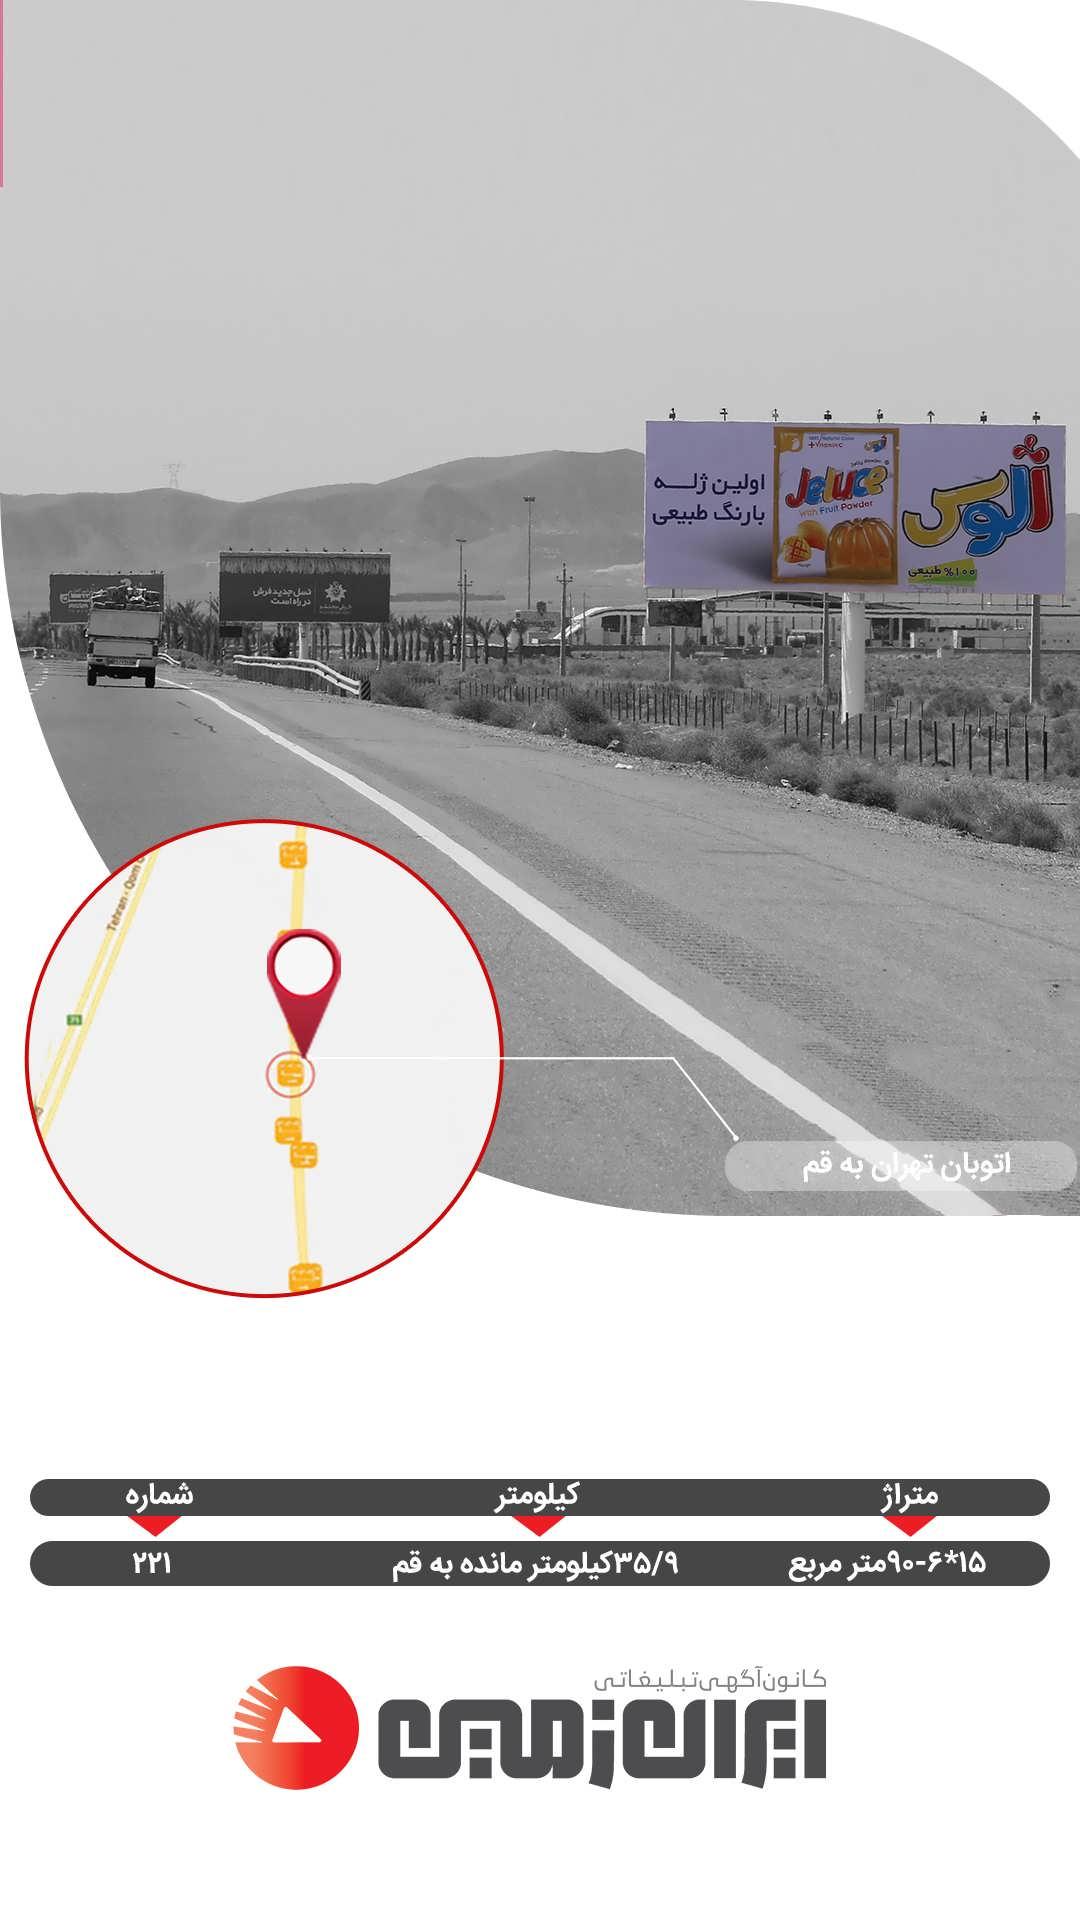 تبلیغات محیطی تهران